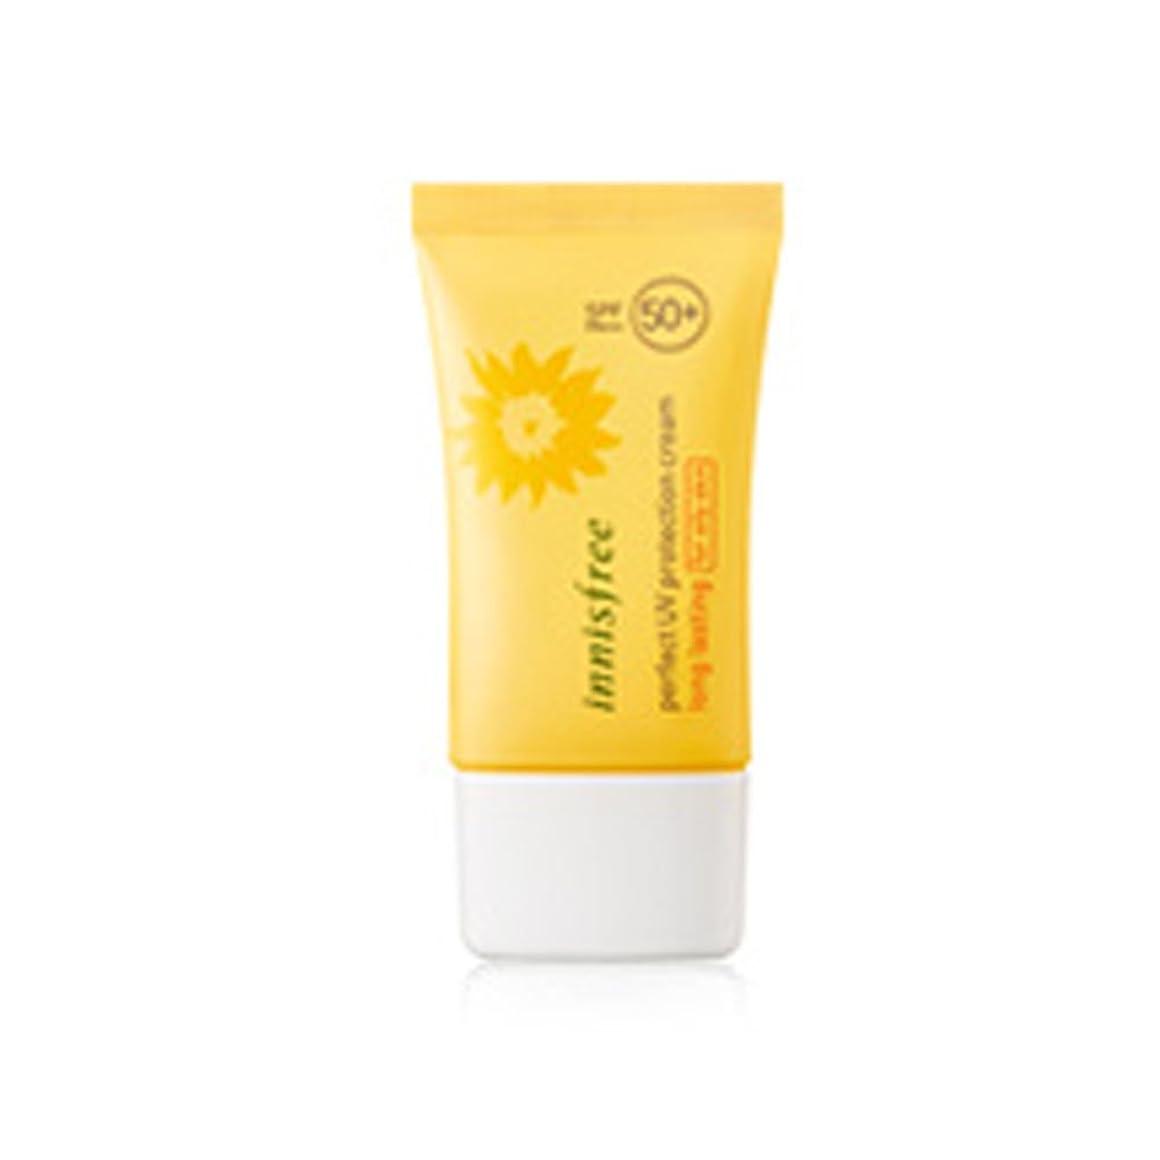 シガレット乱す最終イニスフリーパーフェクトUVプロテクションクリームロングサロン/オイリースキン用50ml SPF50 + PA +++ Innisfree Perfect UV Protection Cream_Long lasting/For Oily skin_ 50ml SPF50+ PA+++ [海外直送品][並行輸入品]